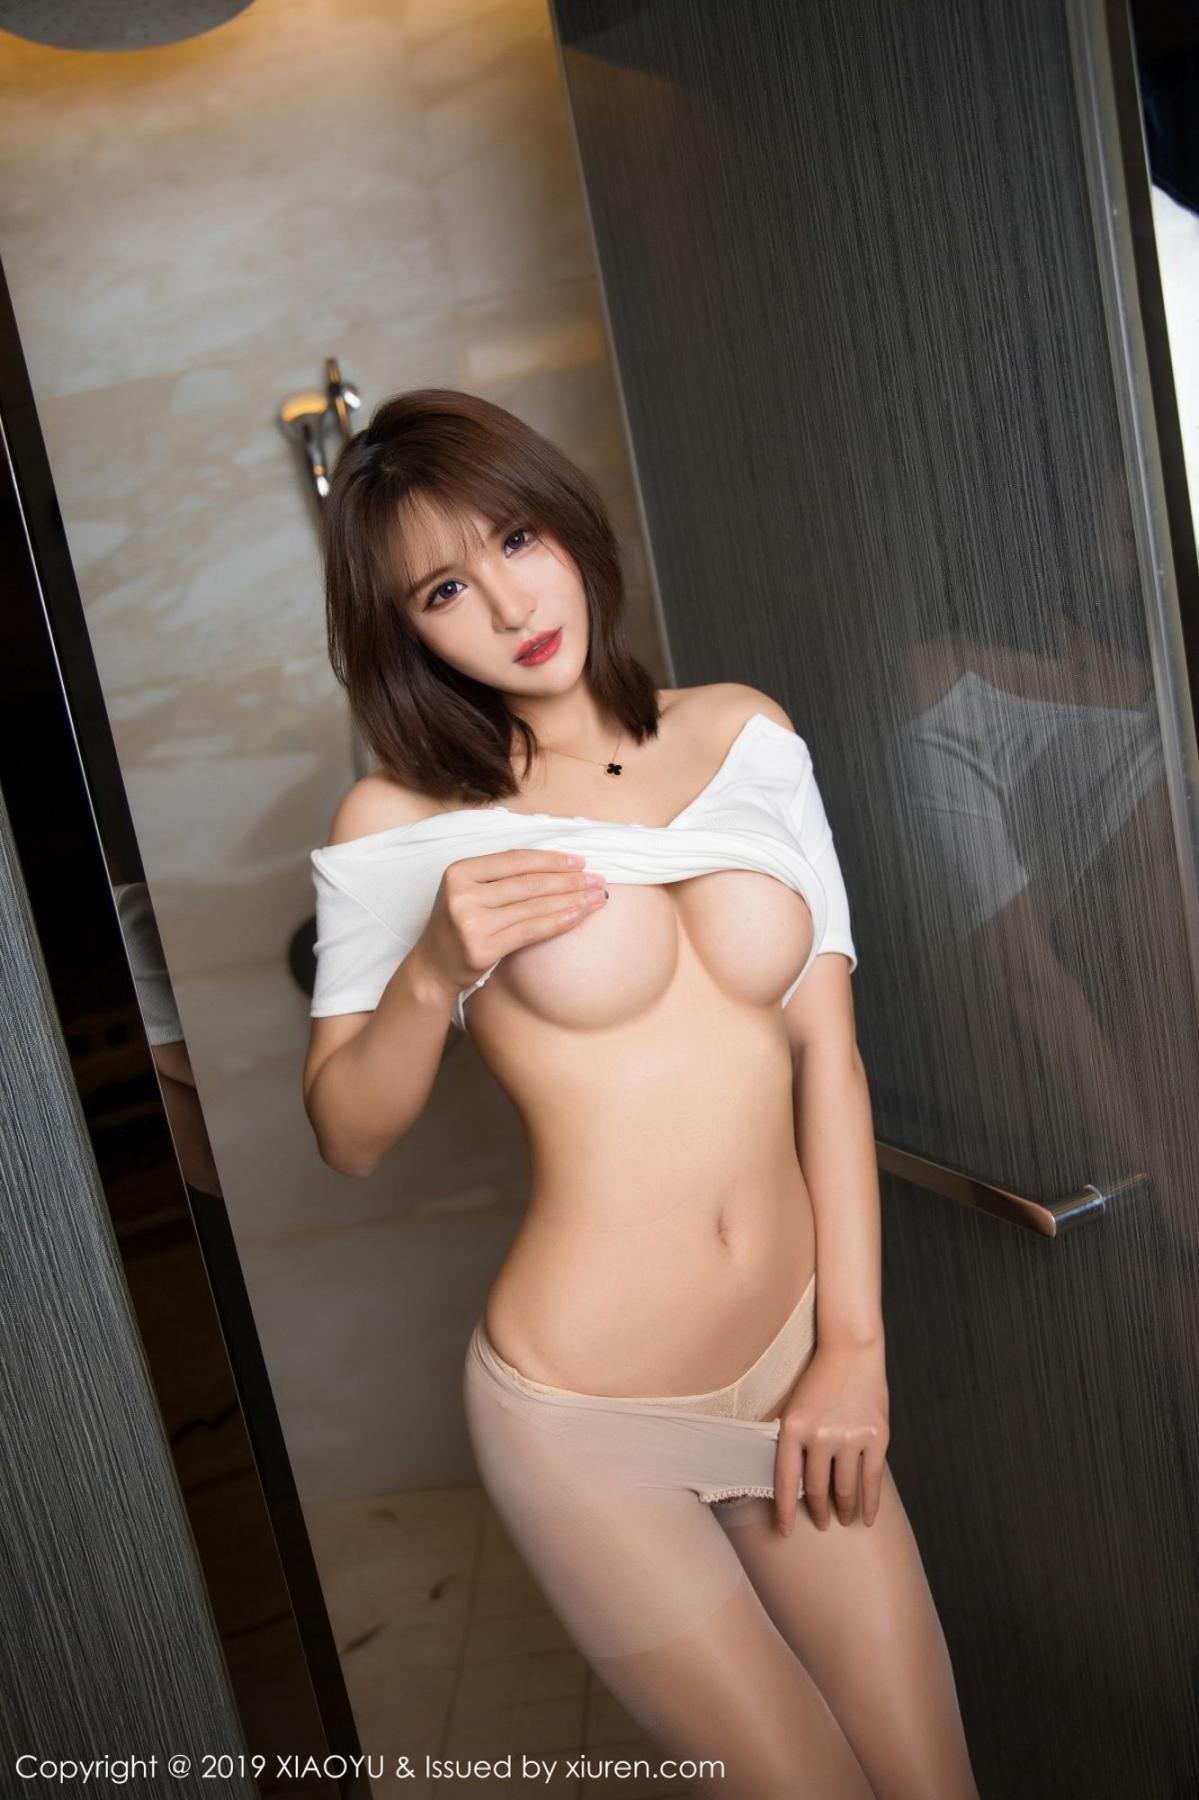 [XiaoYu] Vol.112 Solo Yi Fei 47P, Solo Yi Fei, Underwear, XiaoYu